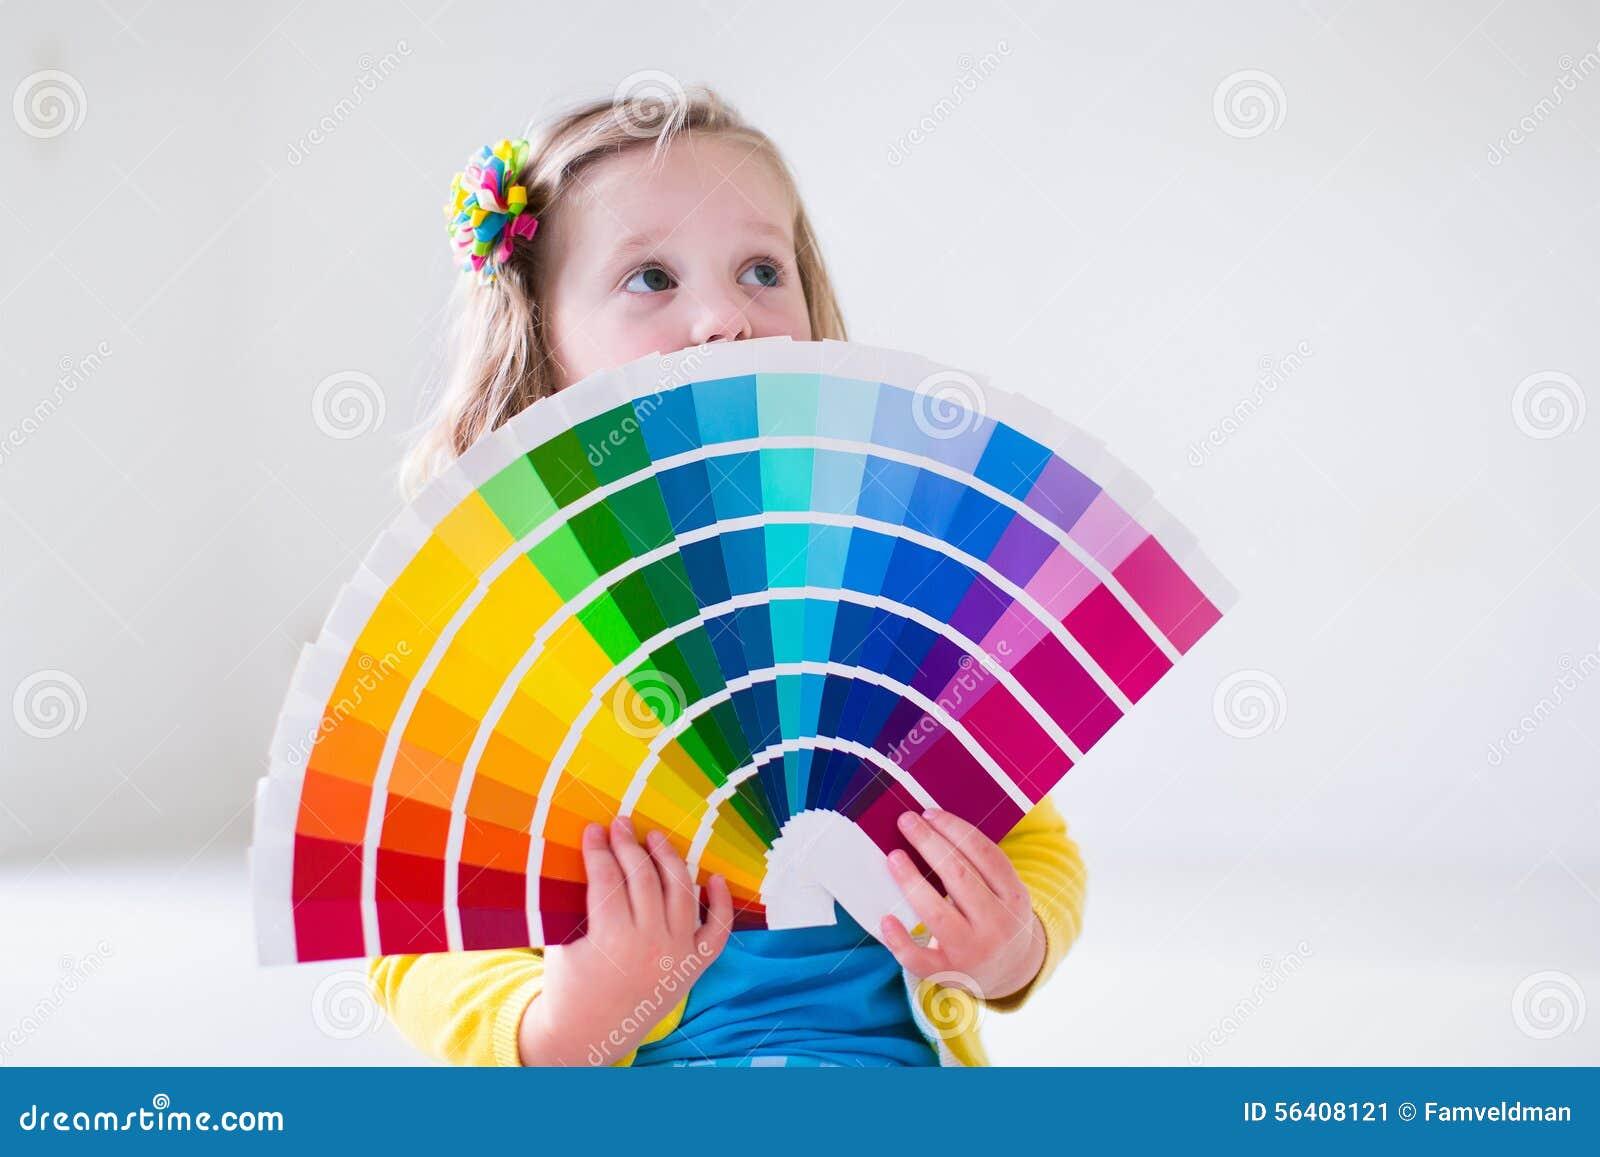 Choix couleur peinture mur photos de conception de - Choix couleur peinture mur ...